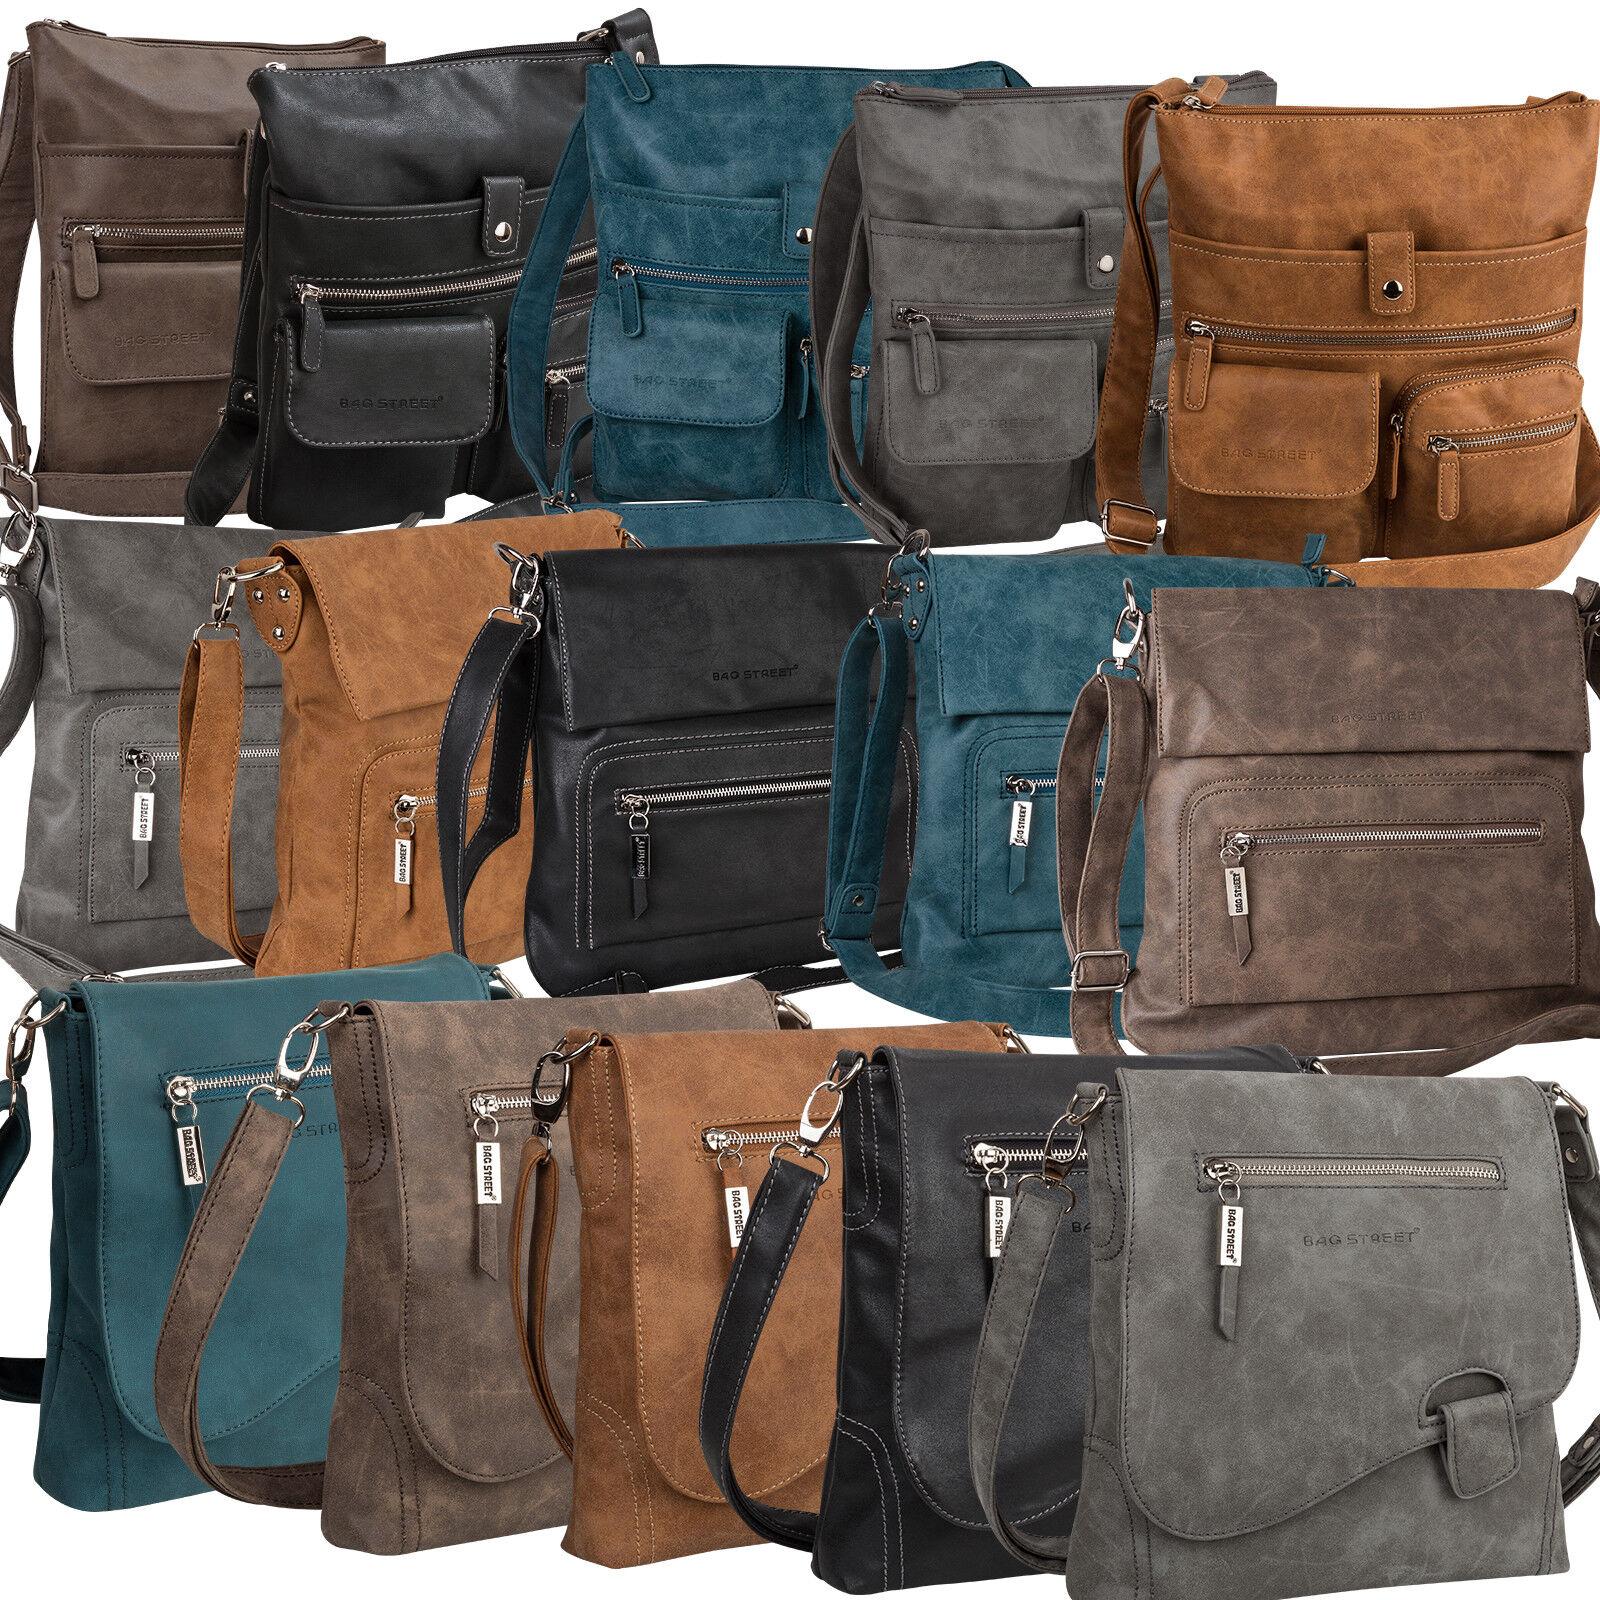 aef7fbe369740 Bag Street Damentasche Umhängetasche Handtasche Schultertasche K2 фото